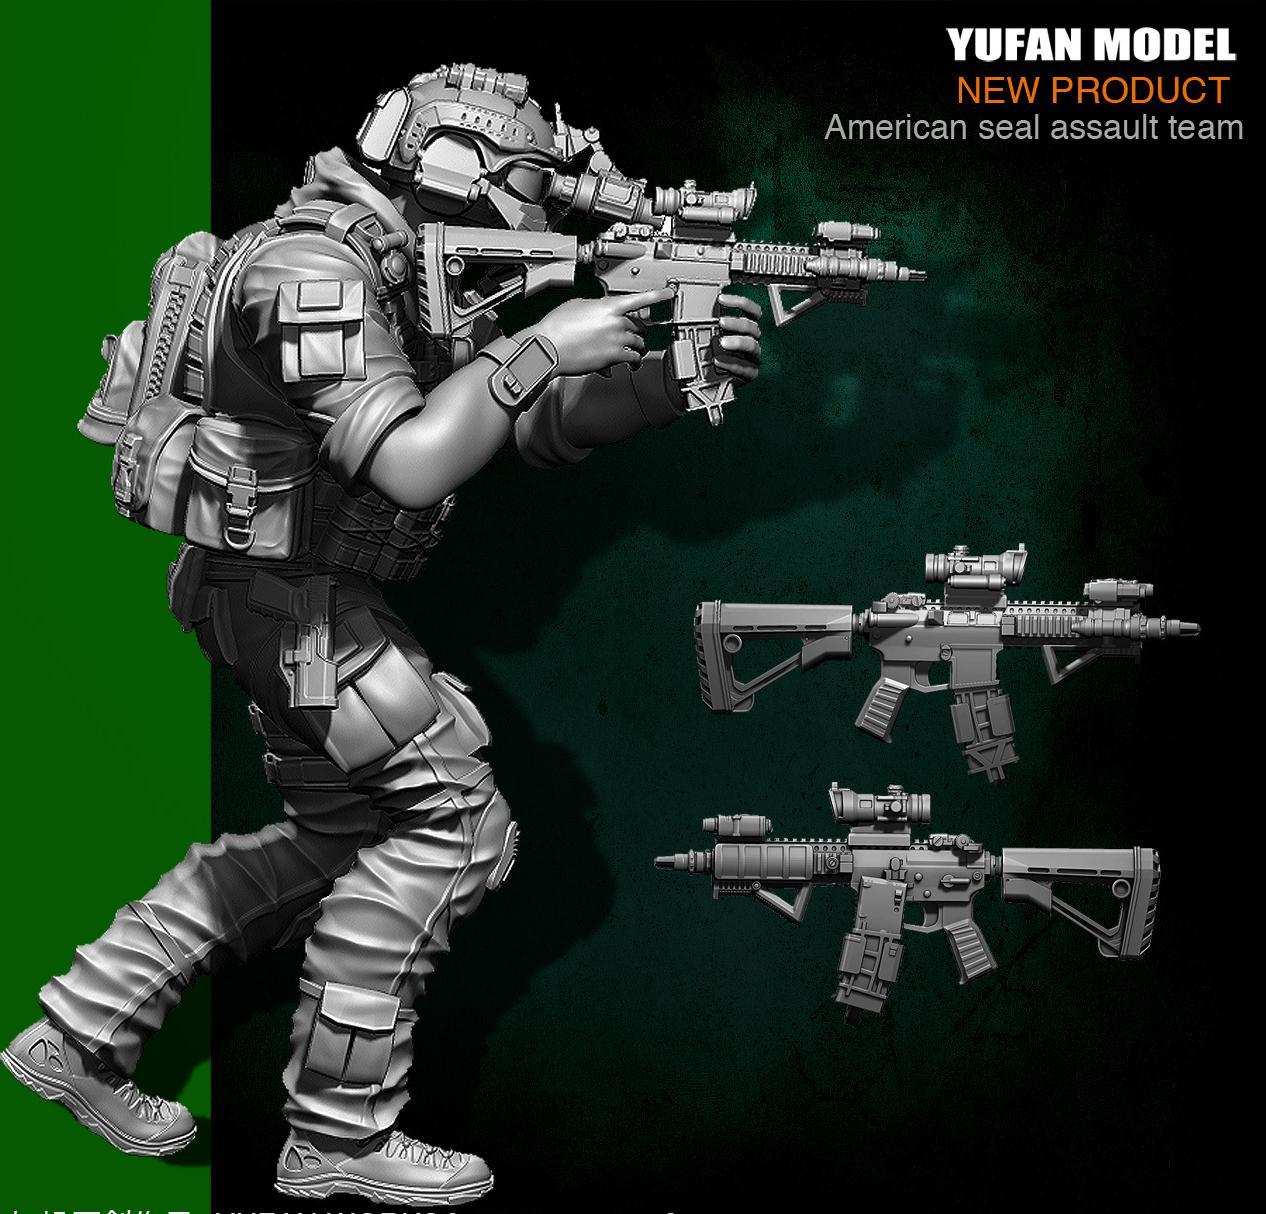 Yufan Model  1/35 Resin Soldier Figura US Army Seal Six Model YFWW35-1823